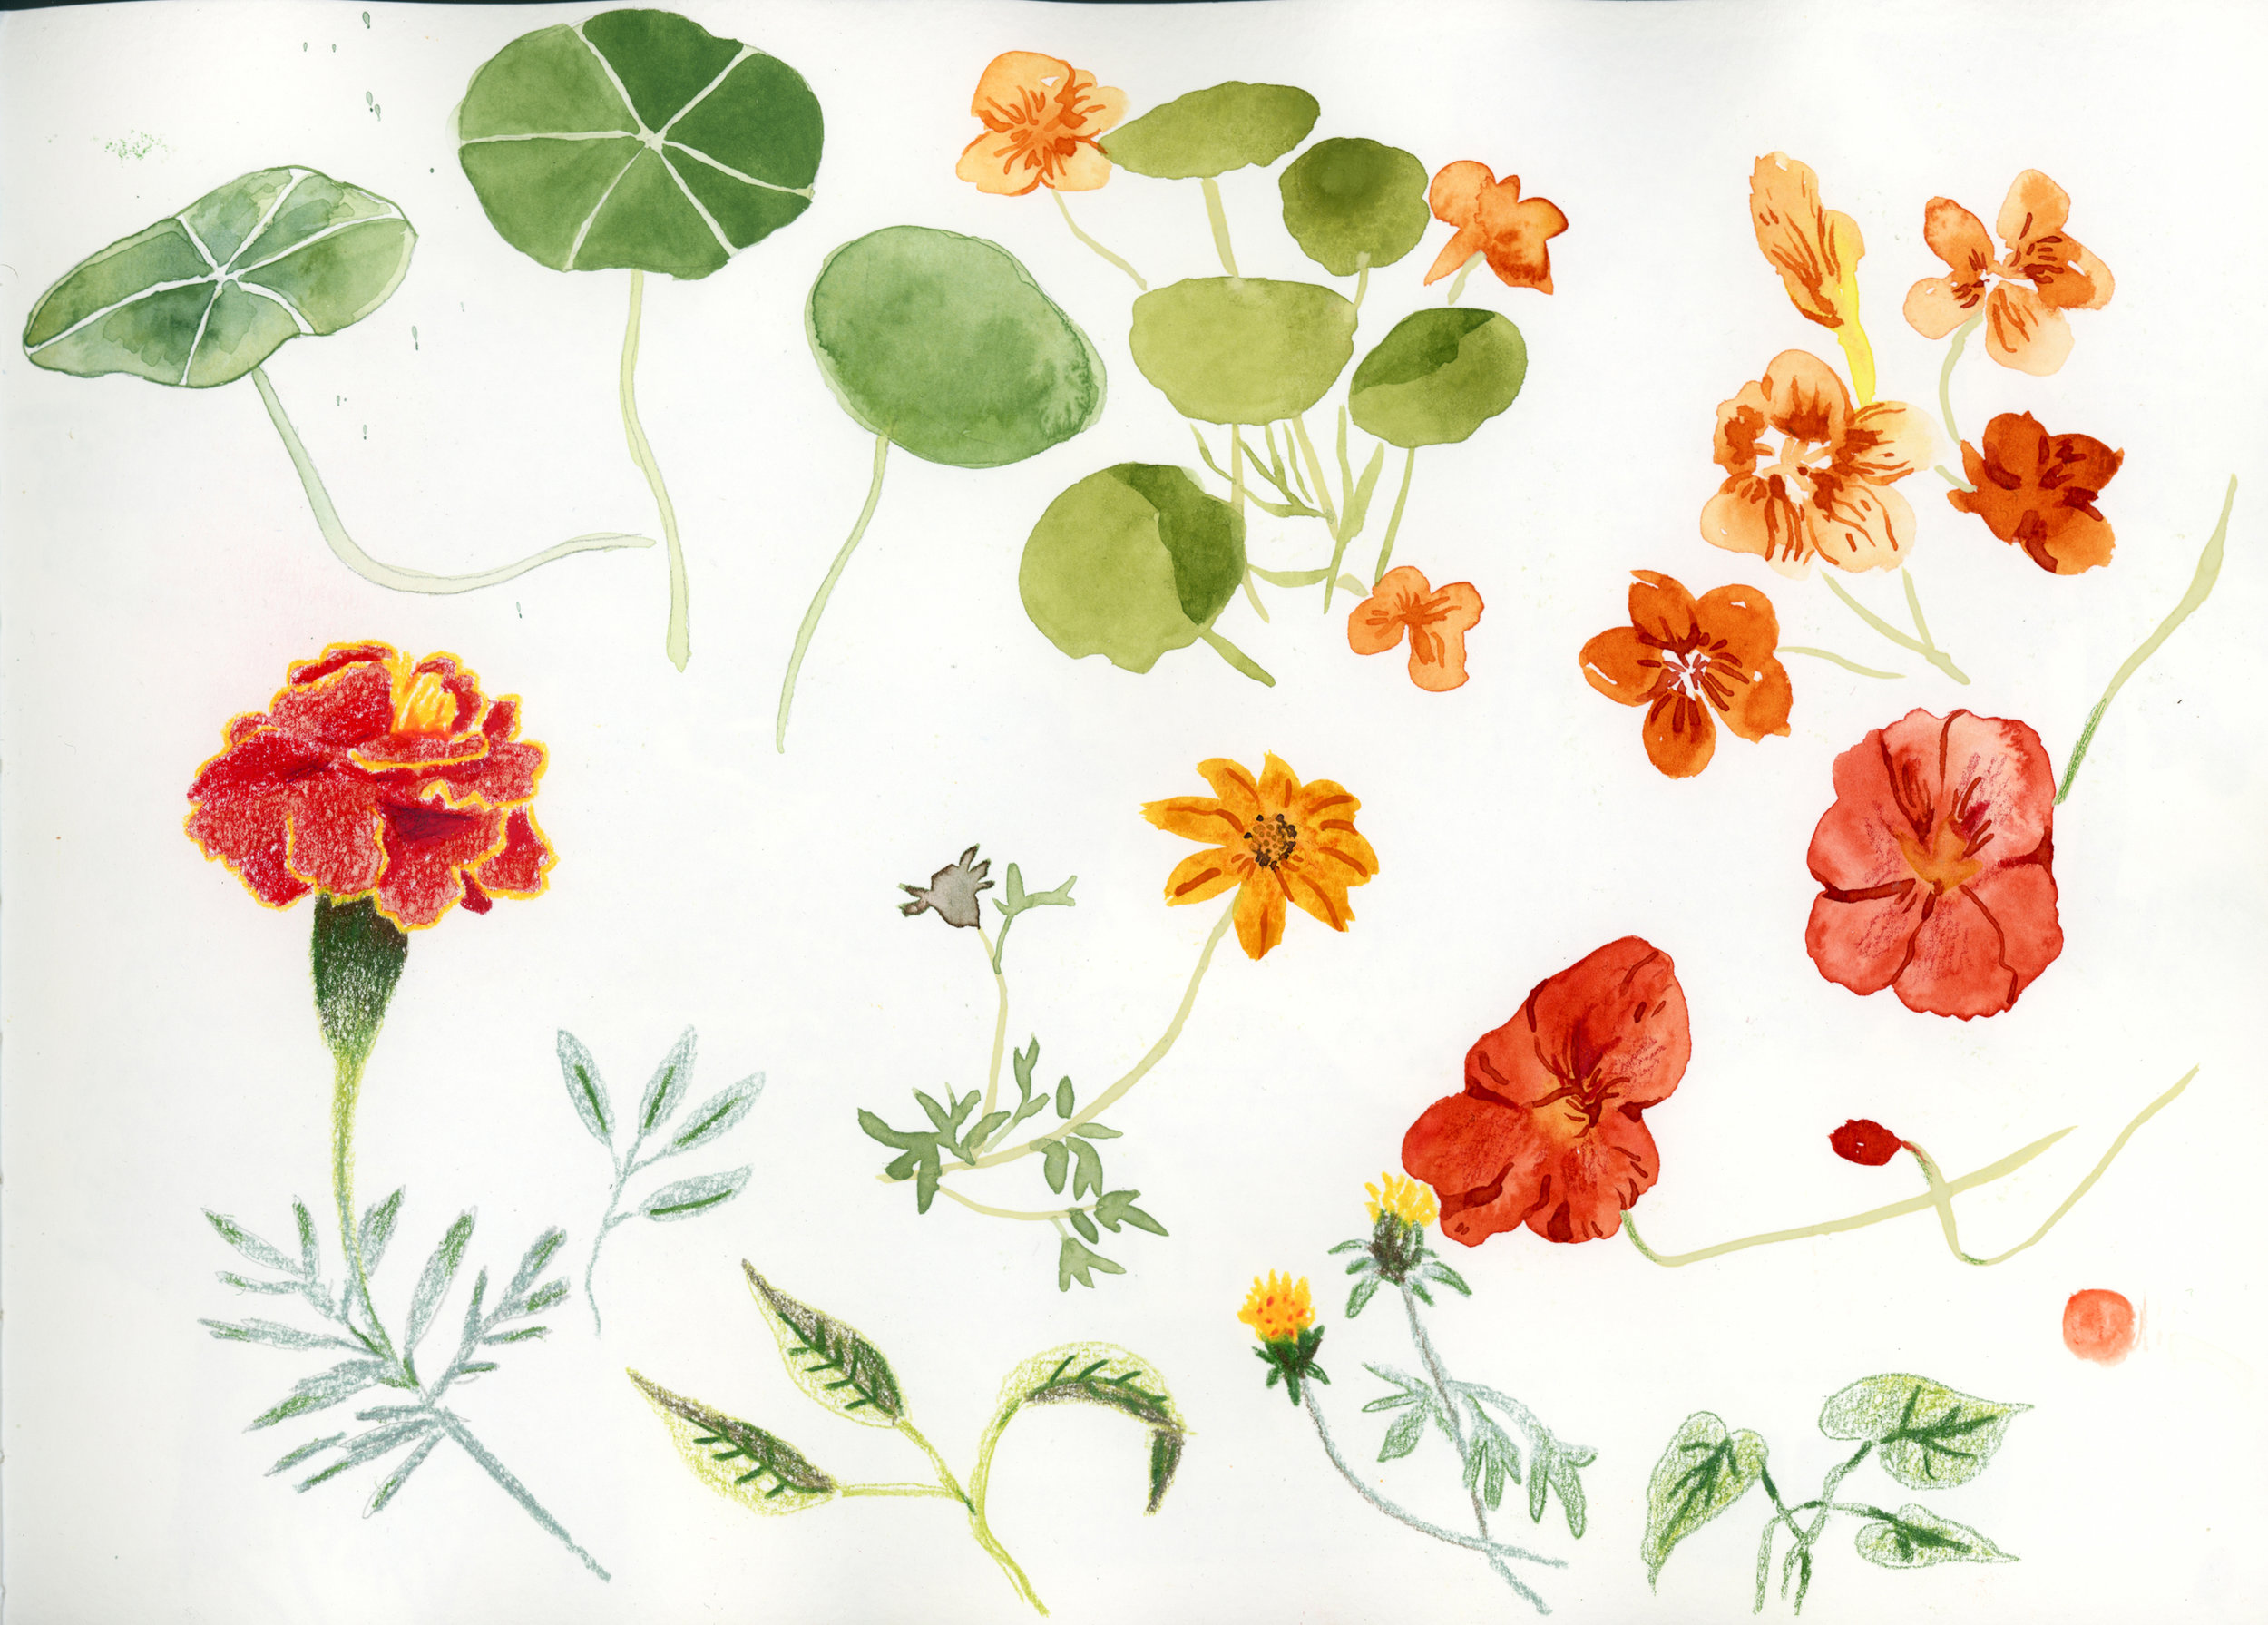 flowers-plants.jpg